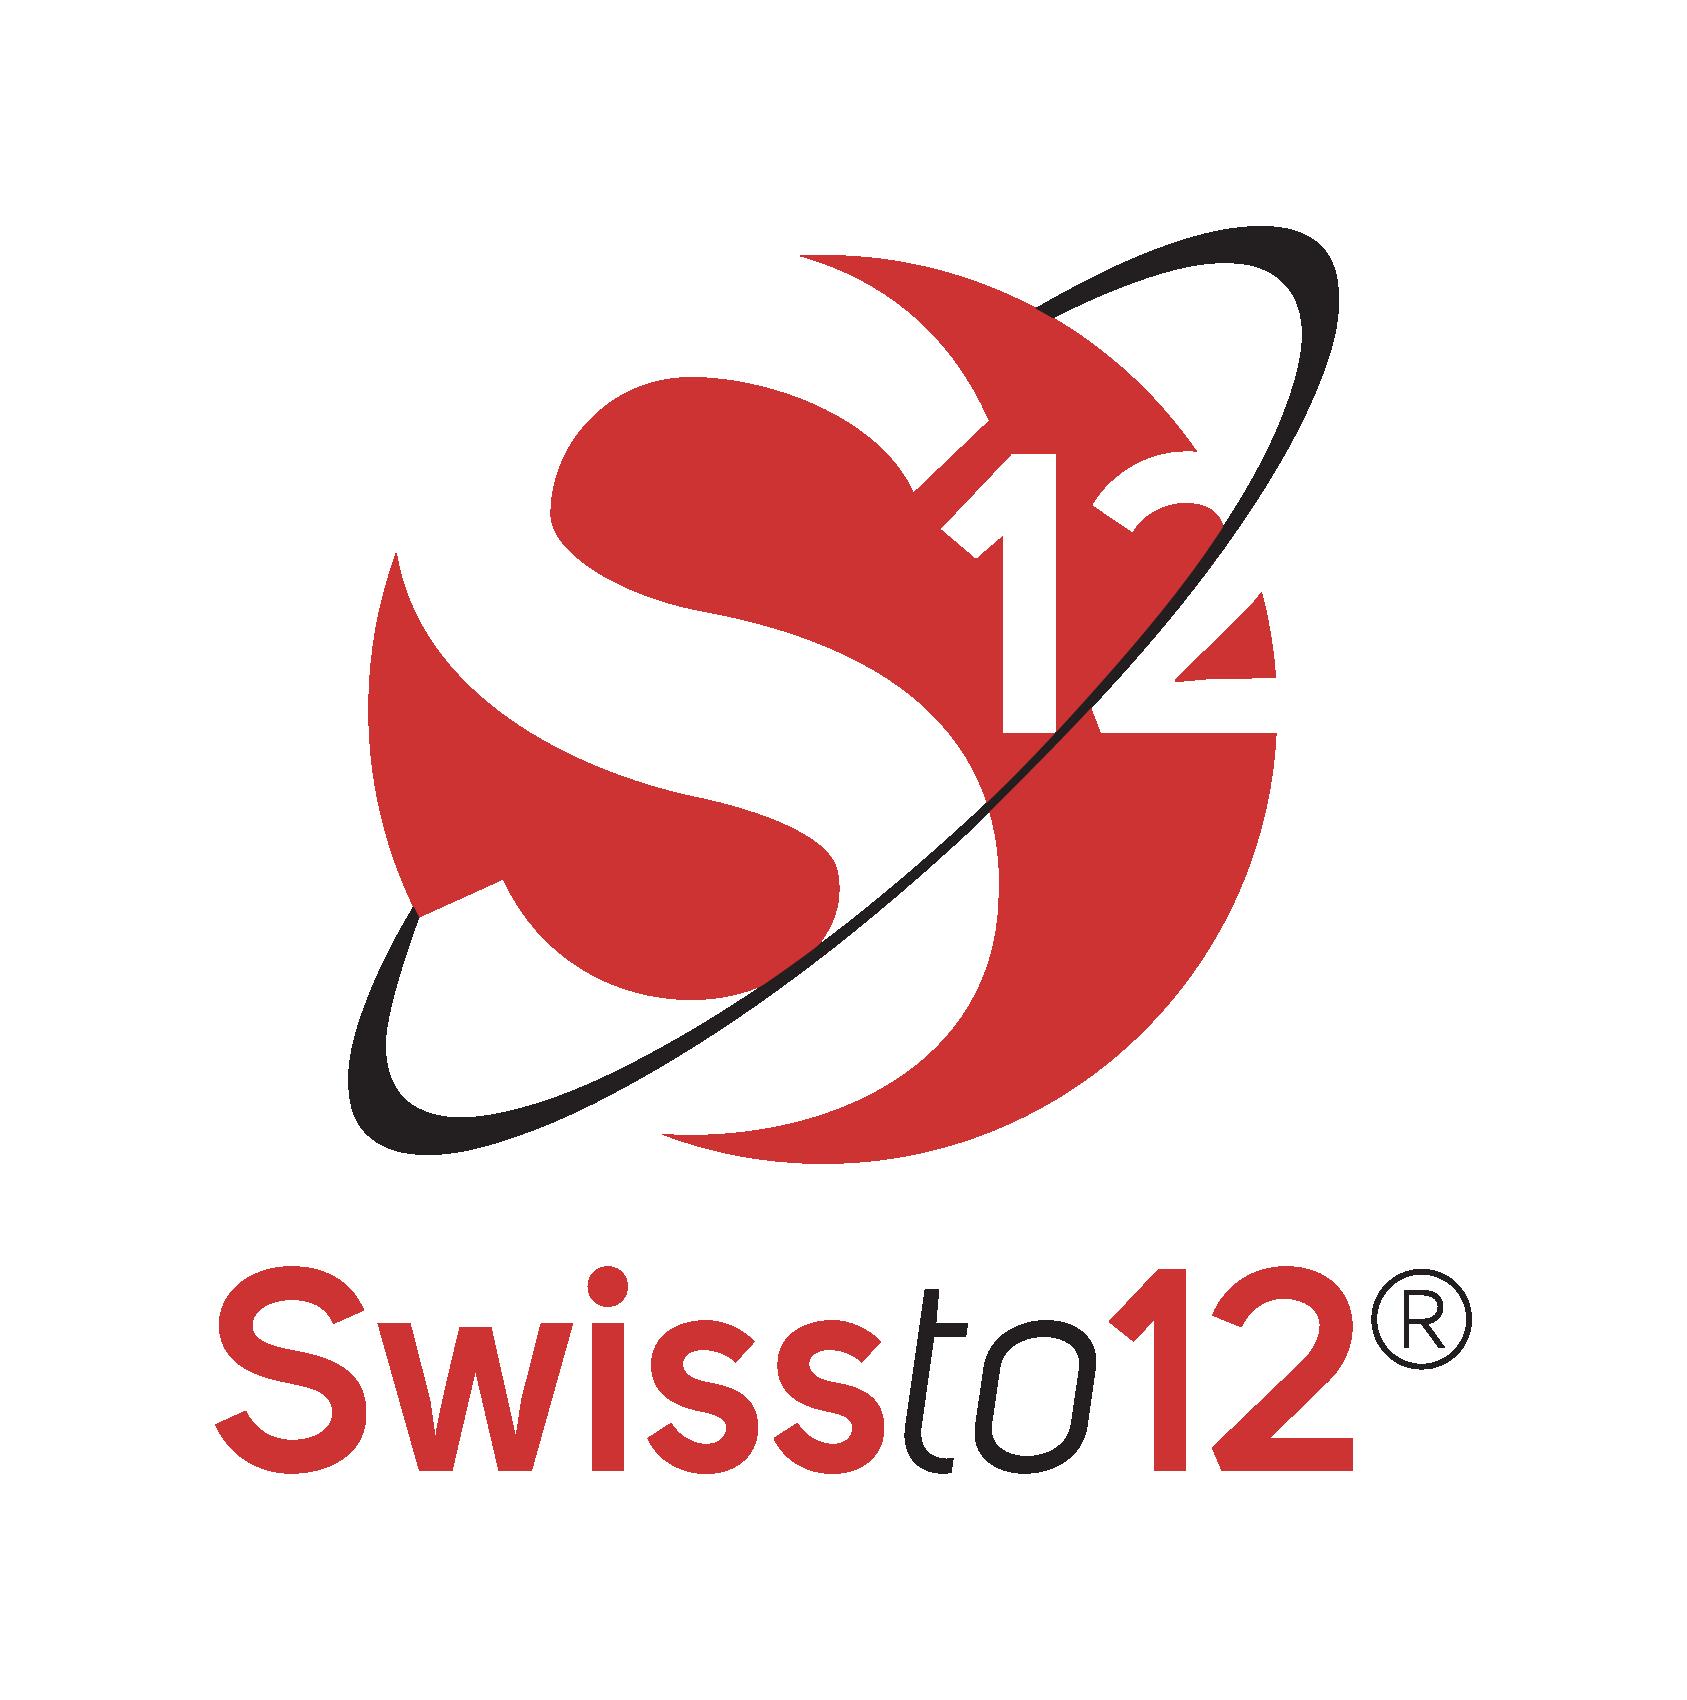 SWISSto12 SA